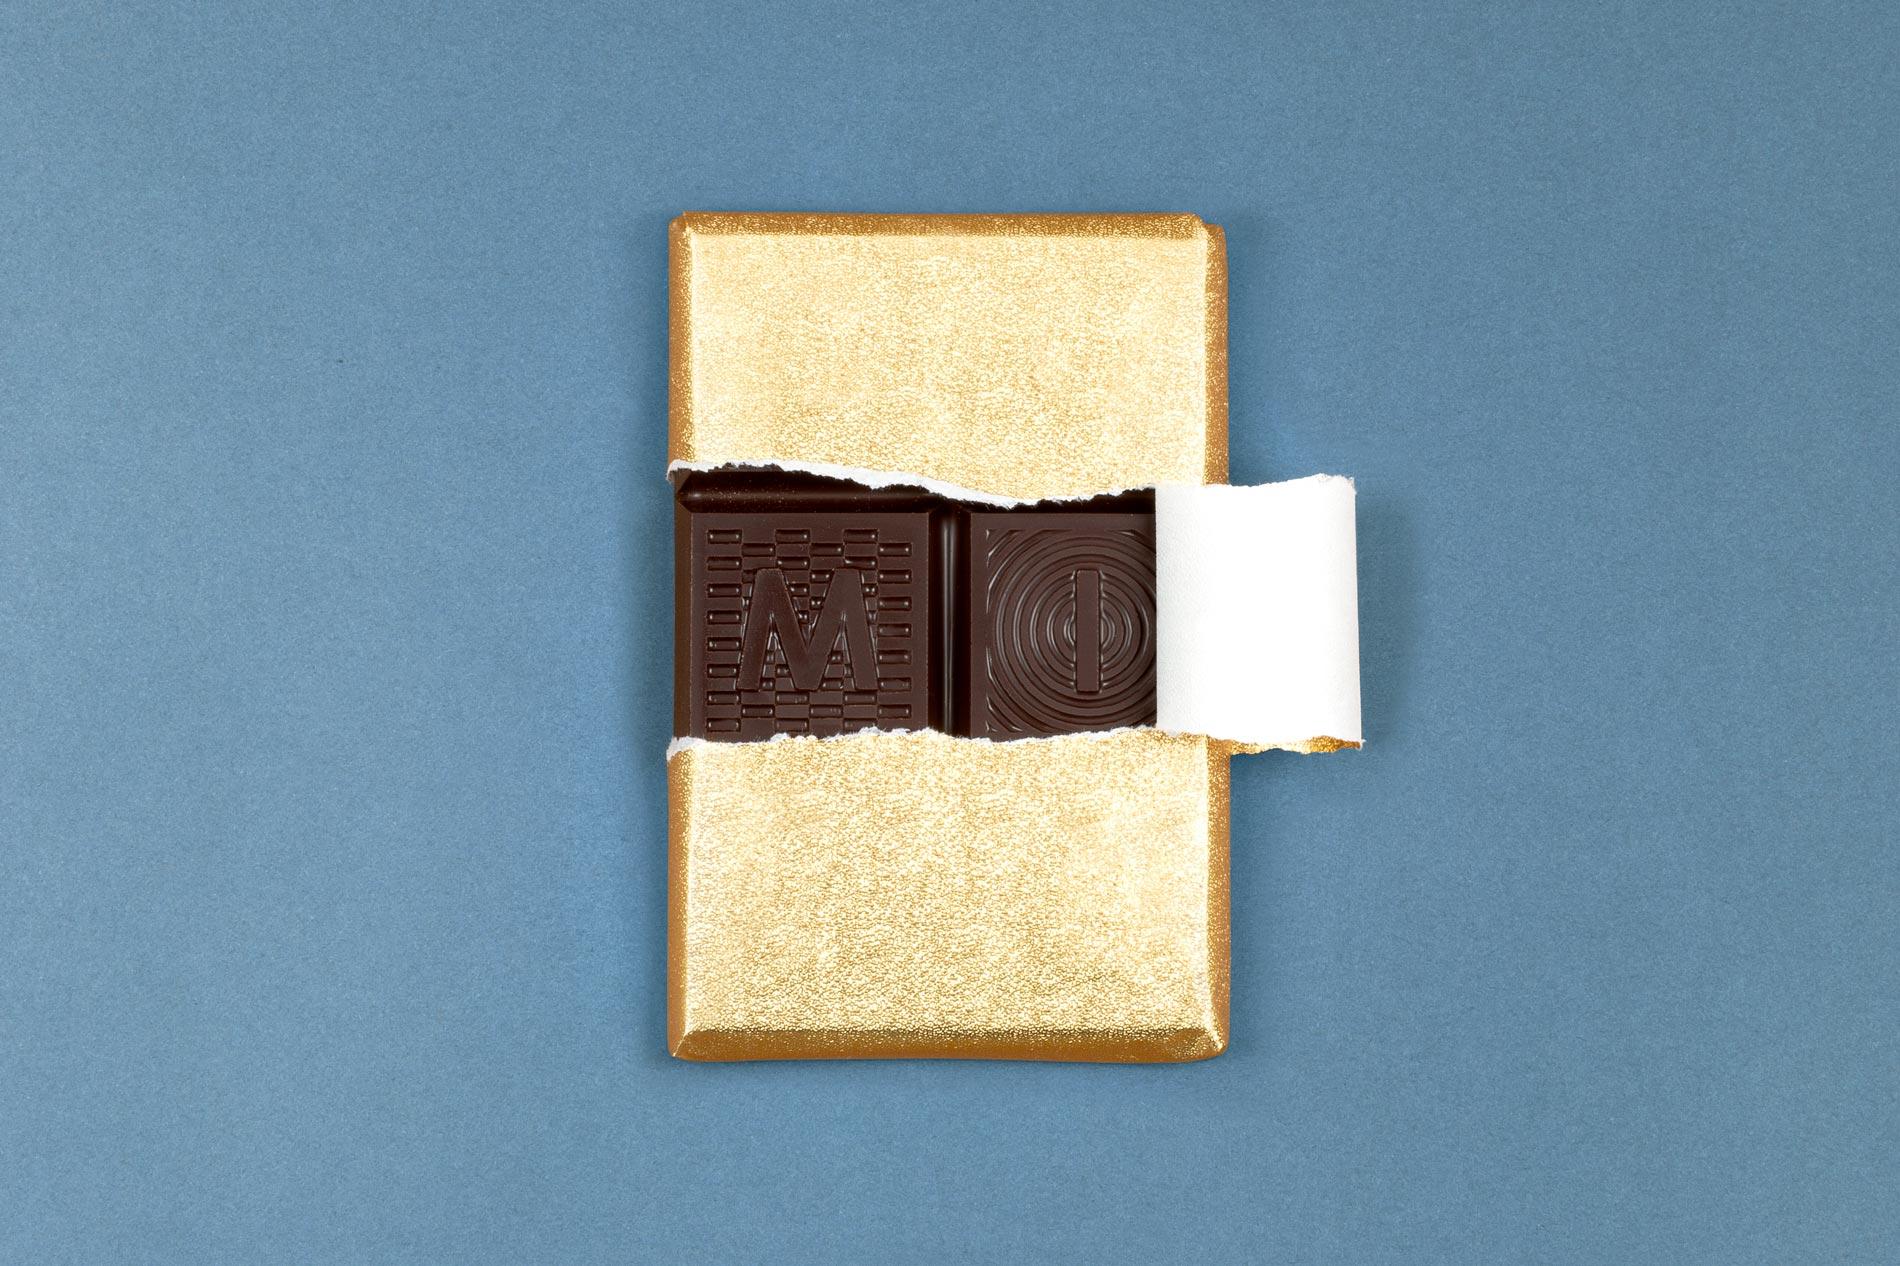 Comité Tableta de Chocolate